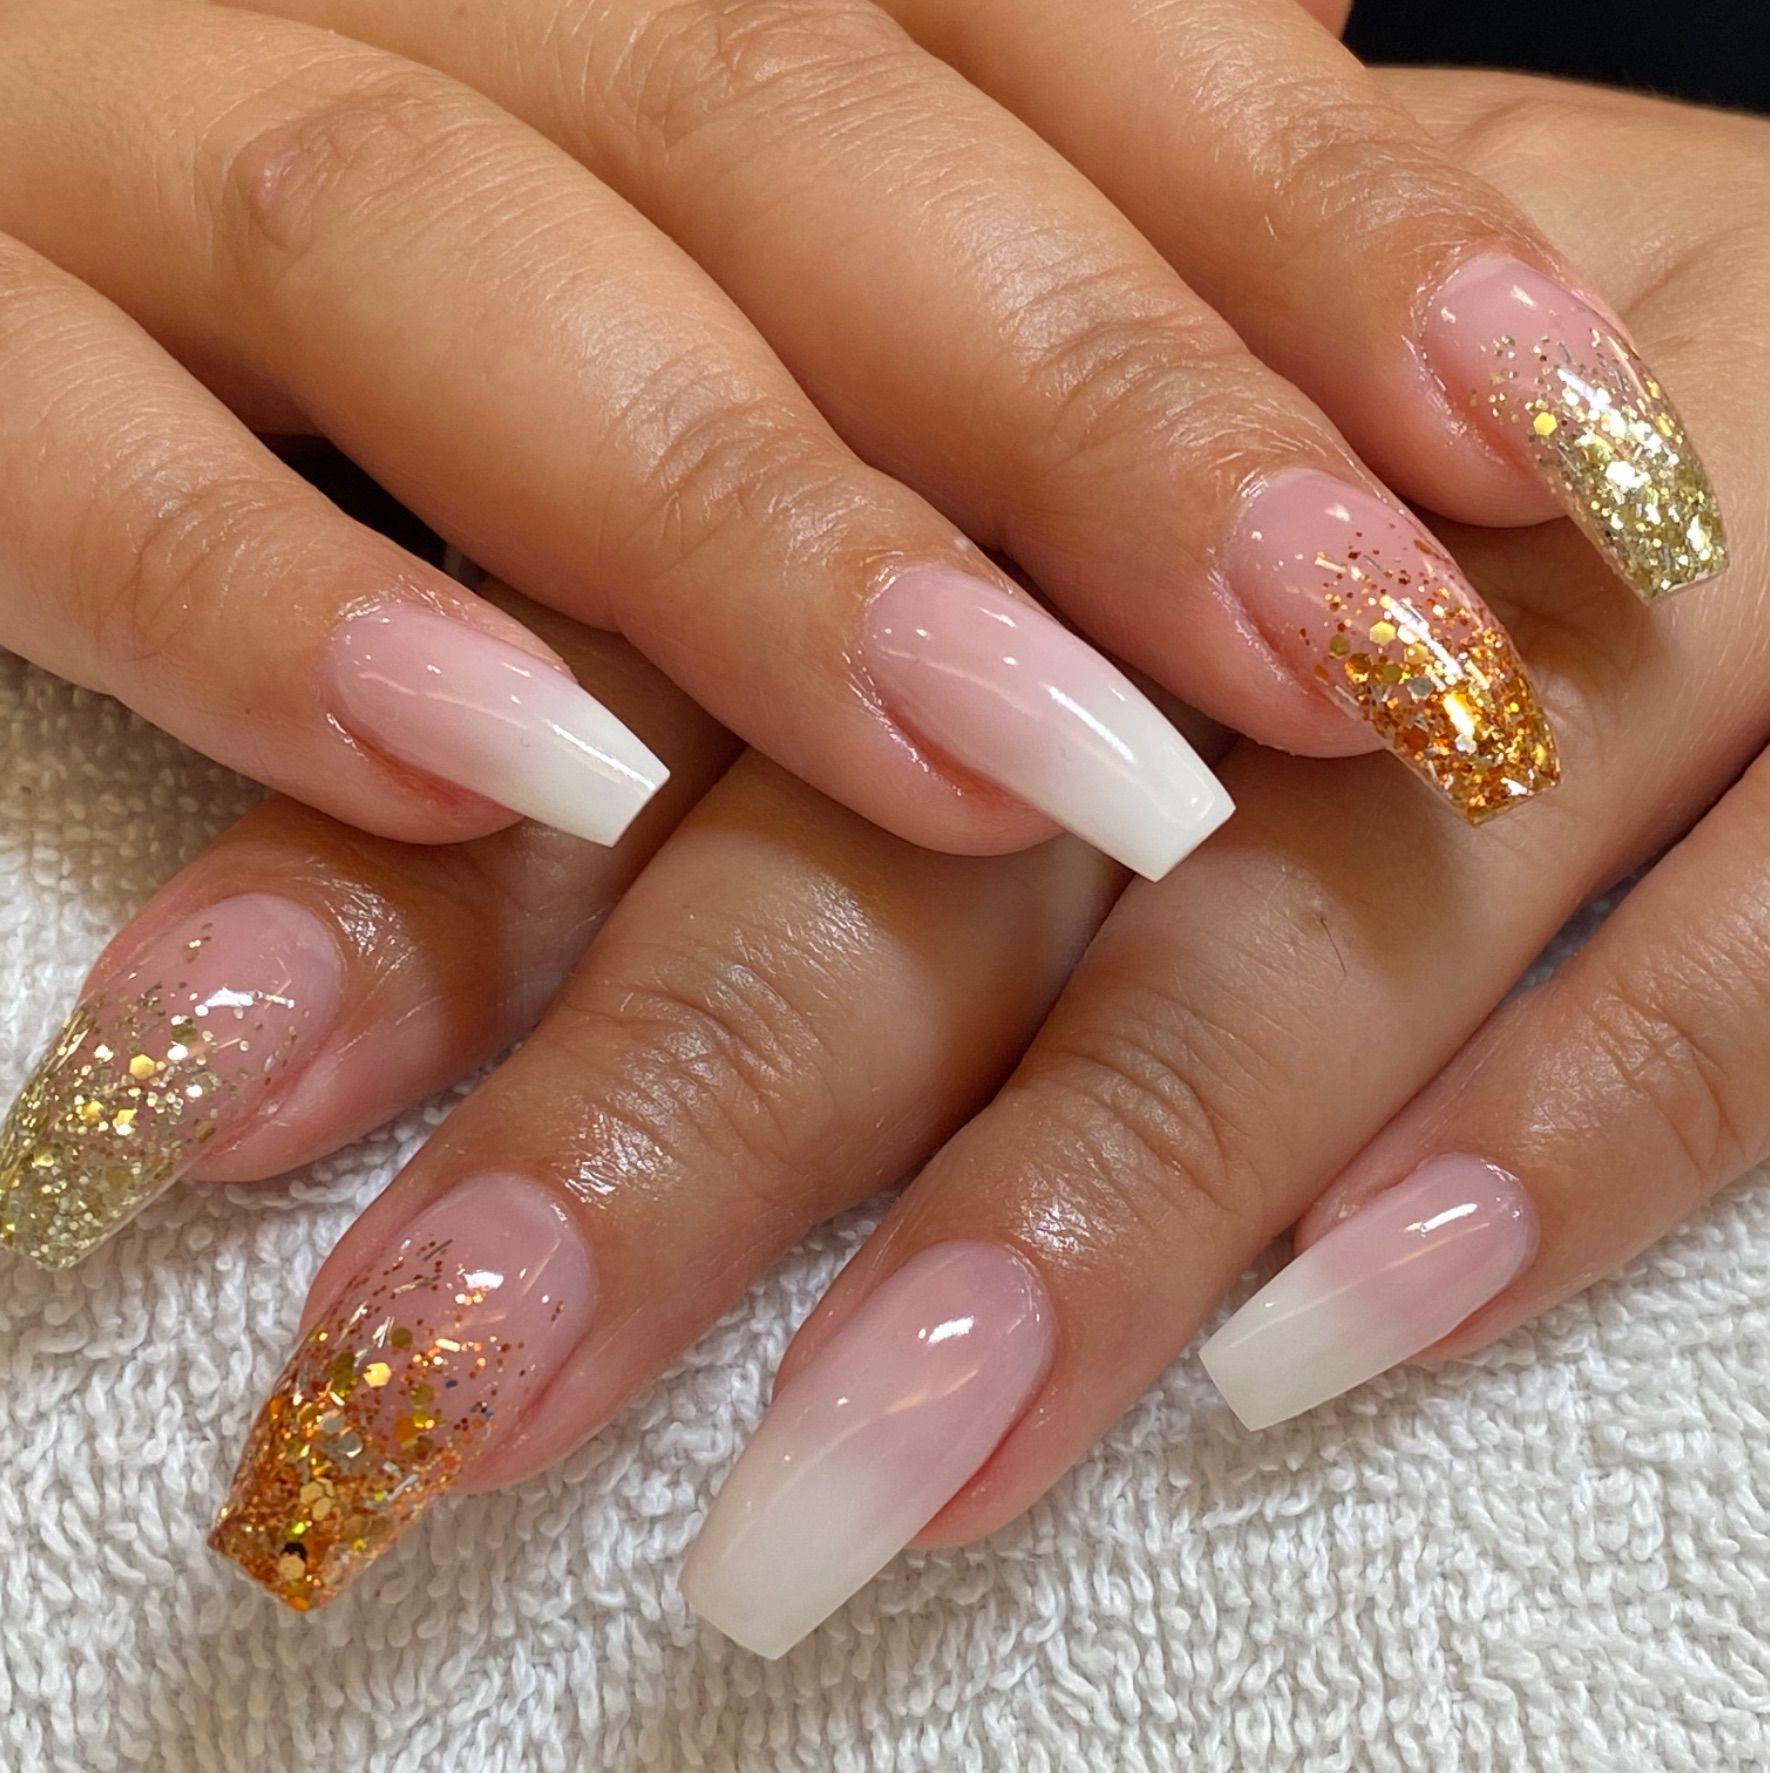 billiga naglar helsingborg